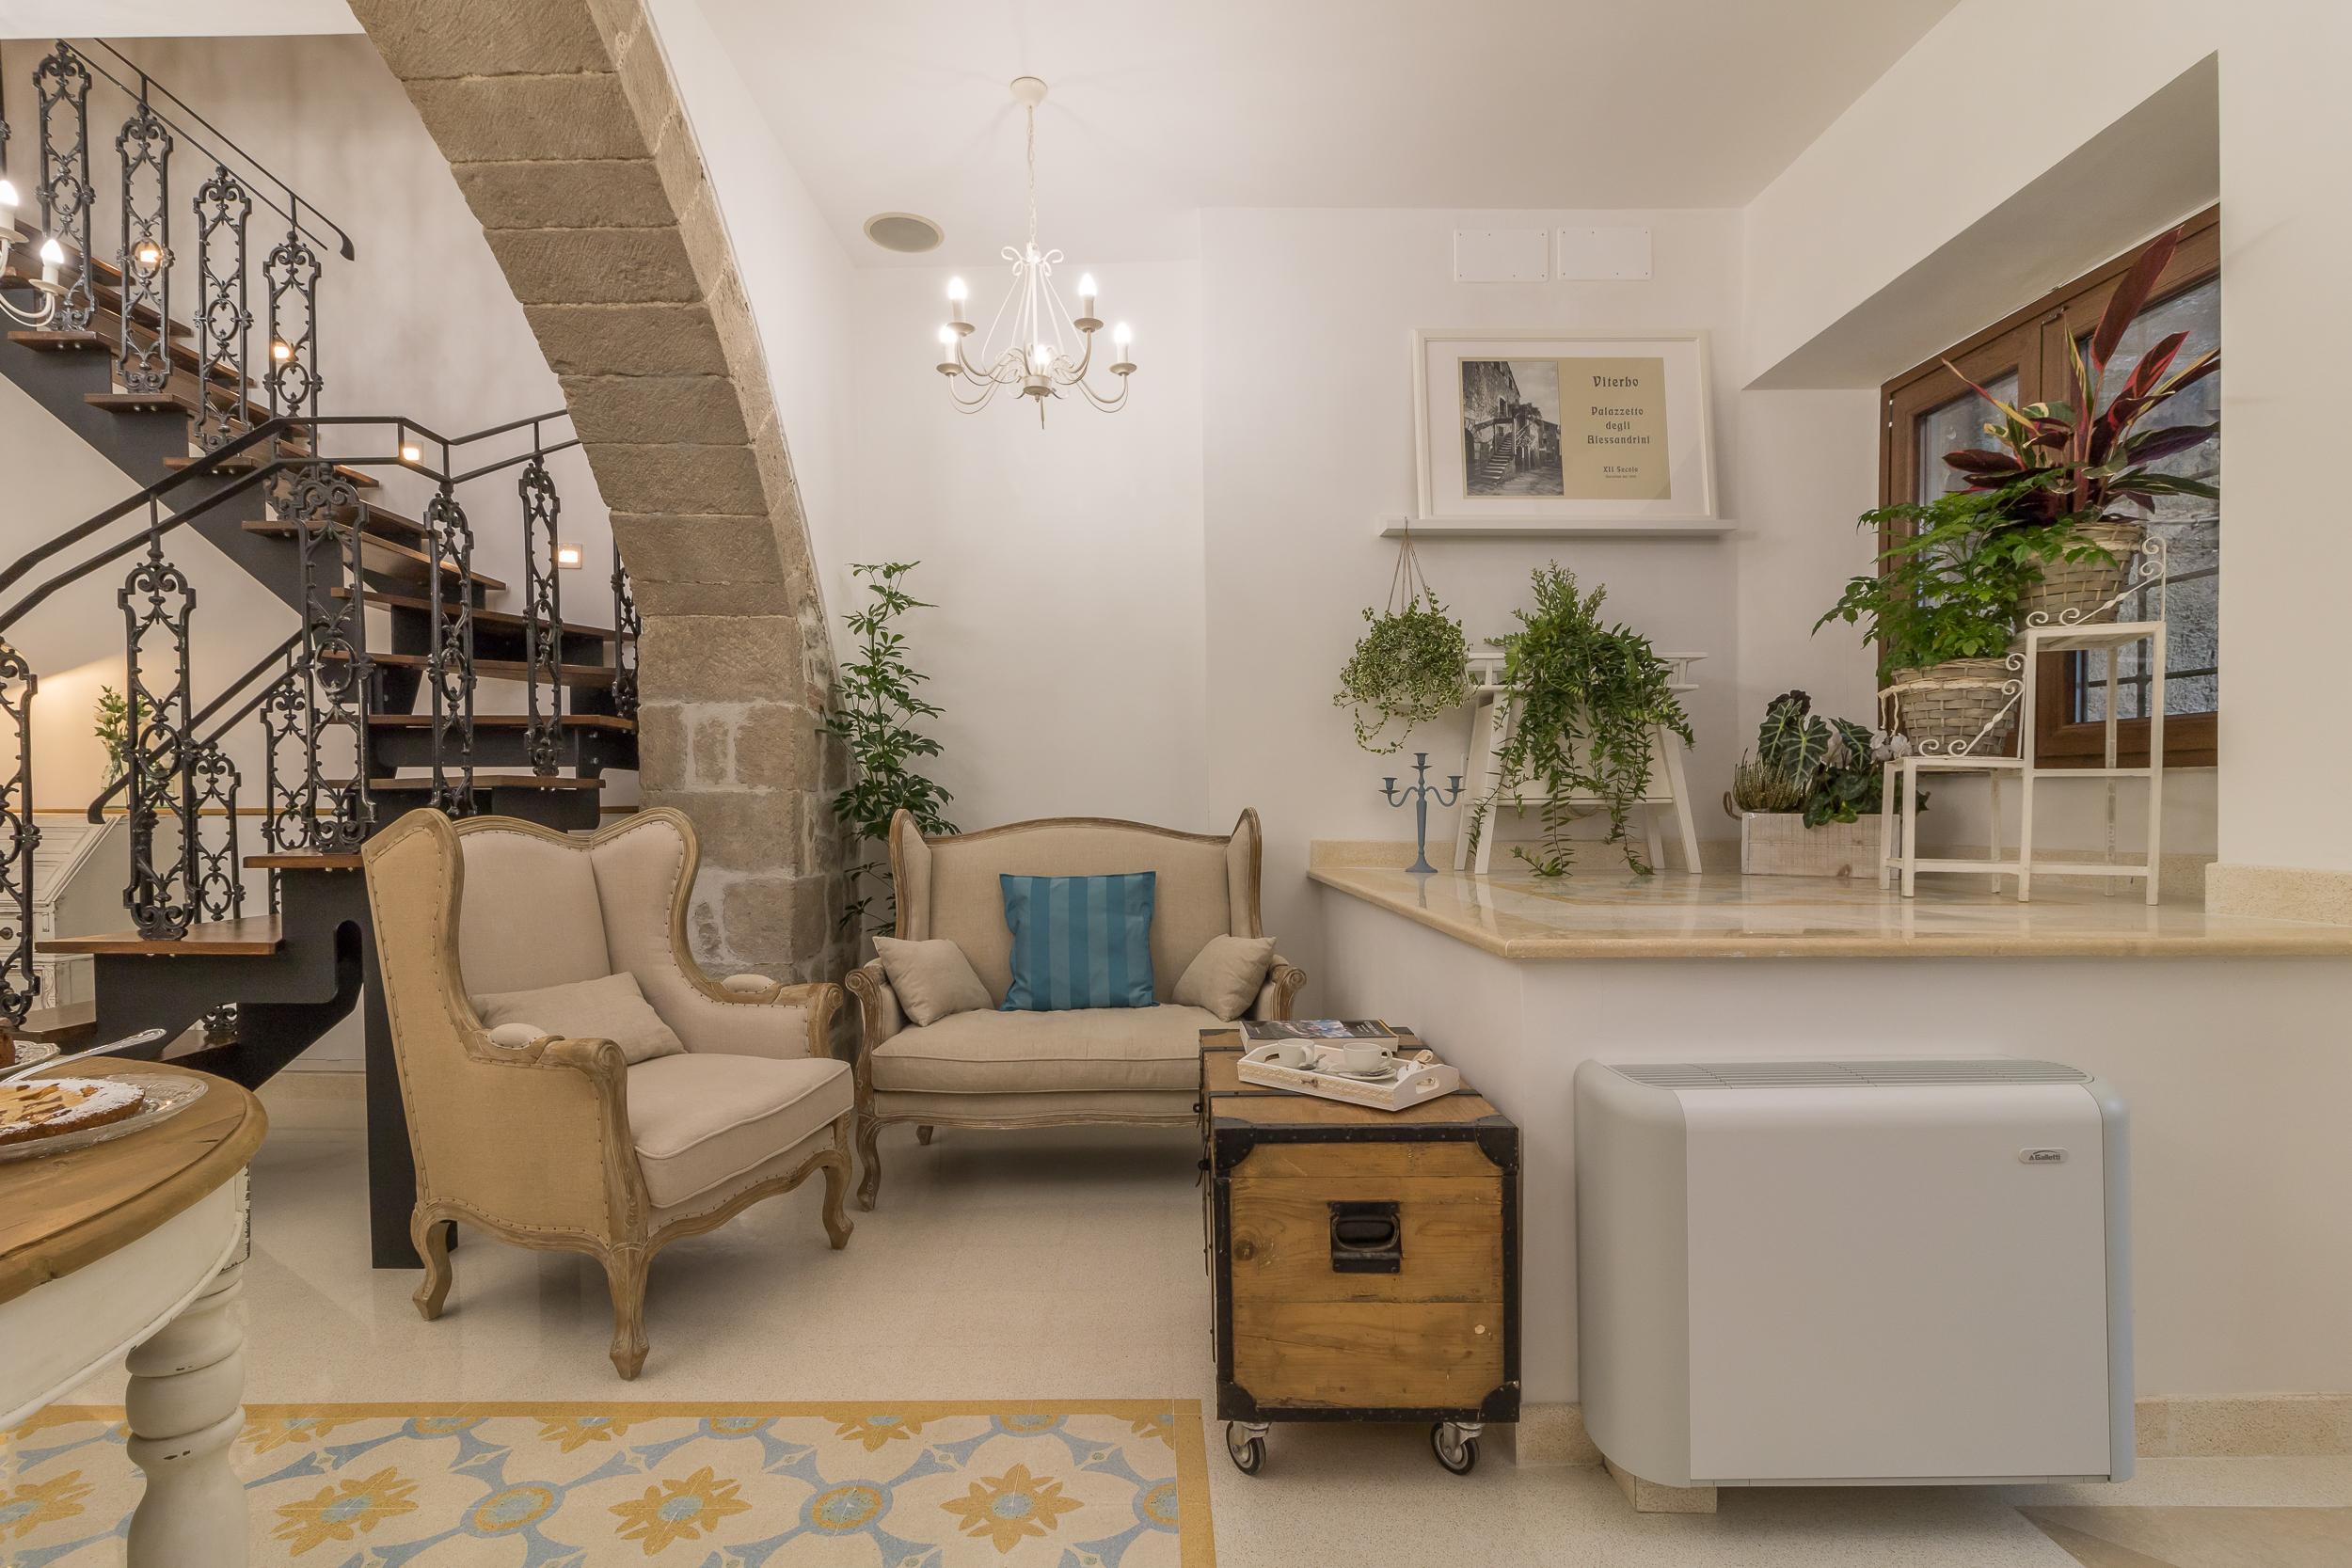 Angolo relax - divano e poltrona